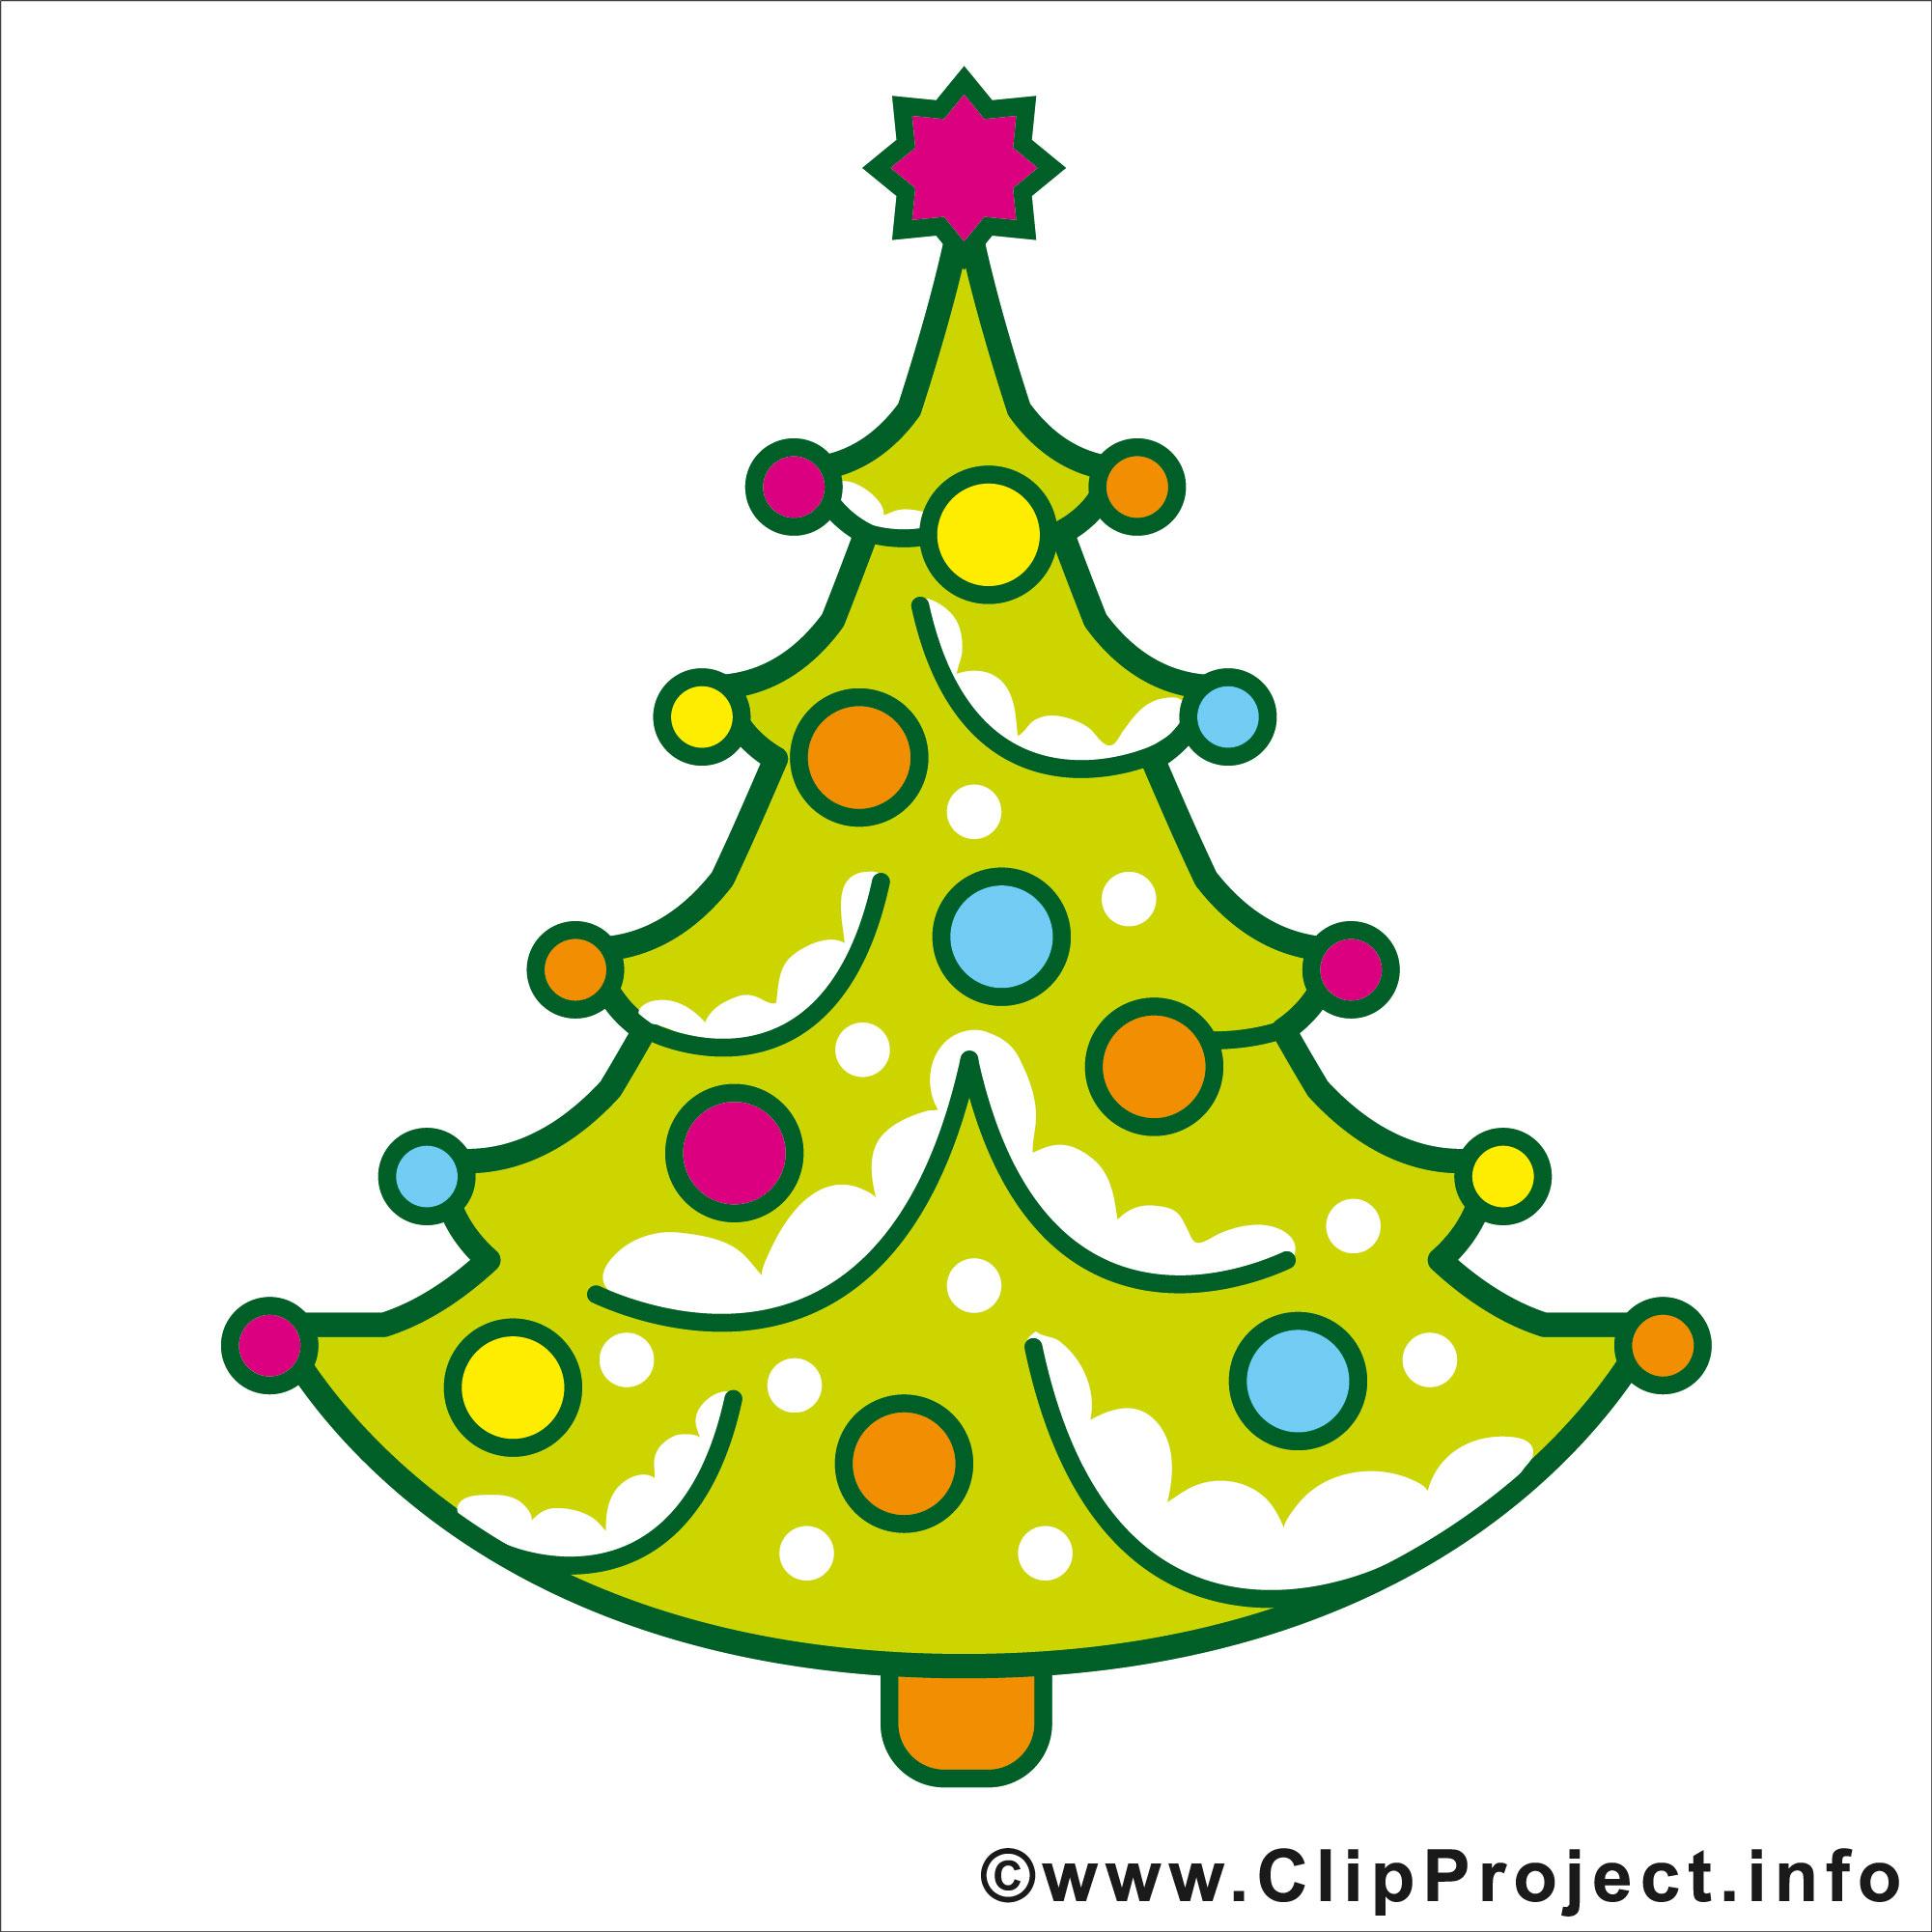 Bild Zu Weihnachten Gratis Herunterladen Und Verschicken für Cliparts Weihnachten Und Neujahr Kostenlos